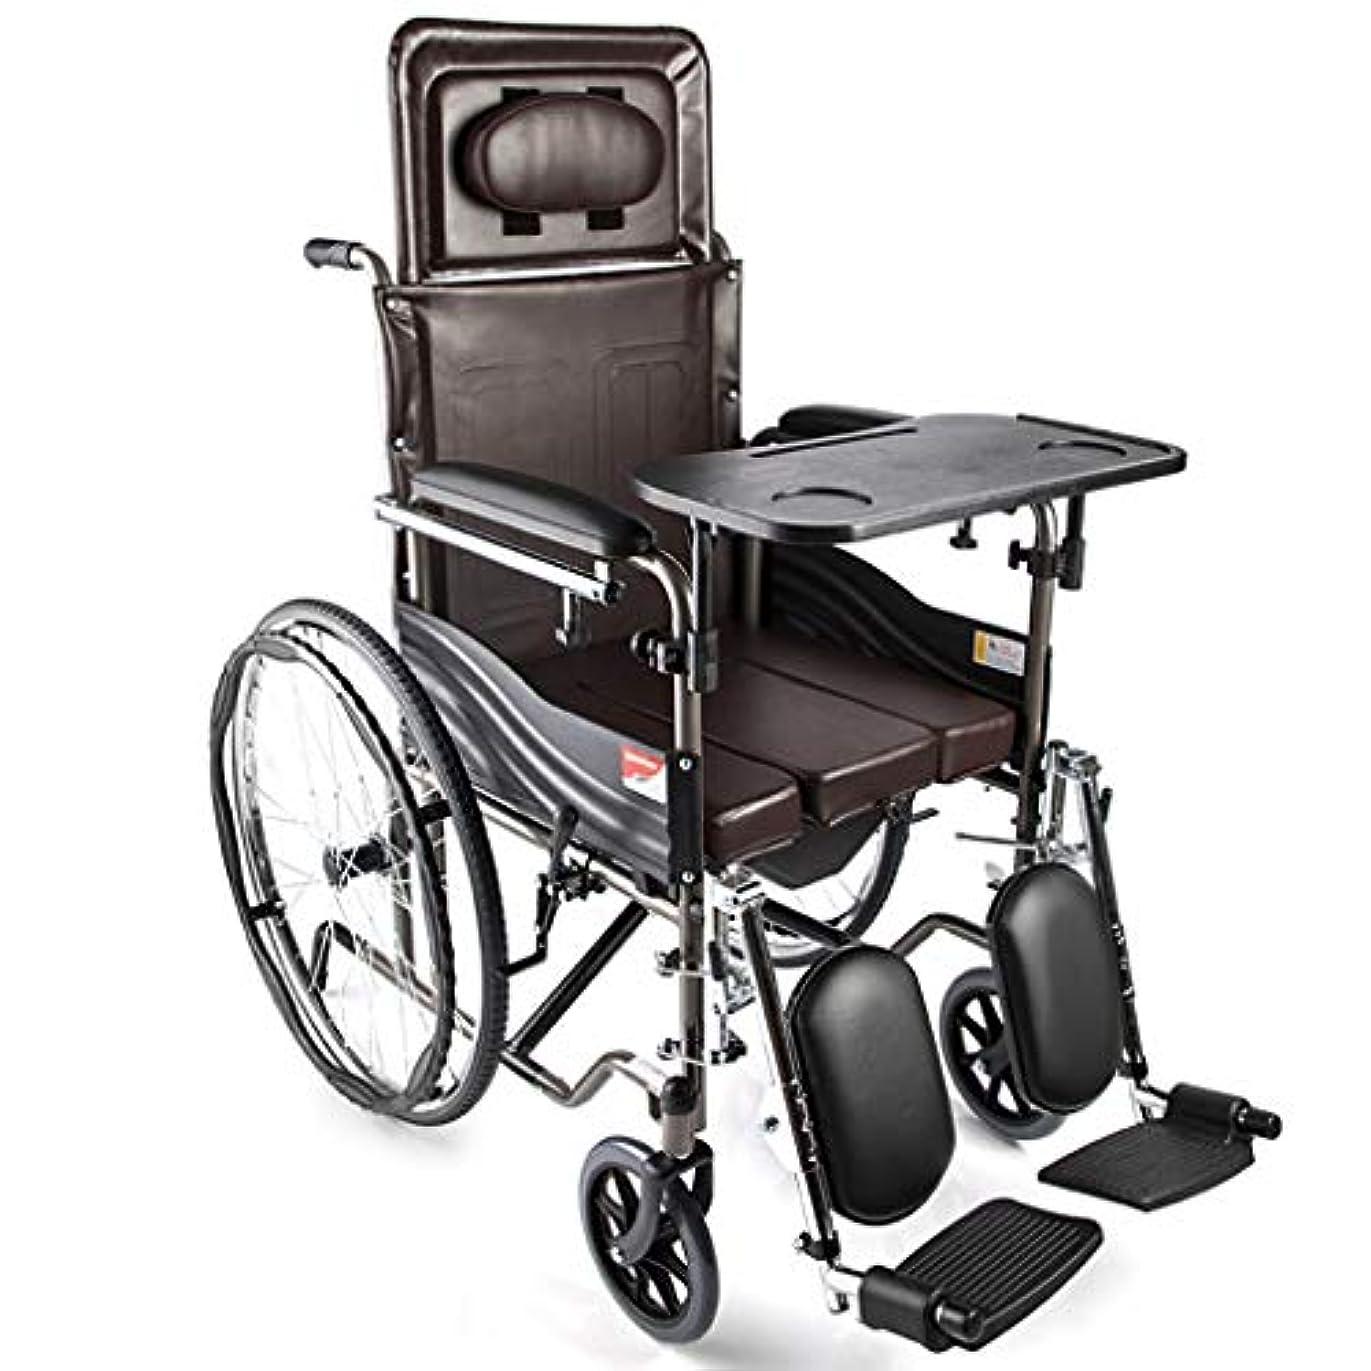 レタッチ示す苦悩ポータブル車椅子折りたたみ、セミリカンベントチェア、高齢トロリー、多目的、身体障害者用屋外車椅子